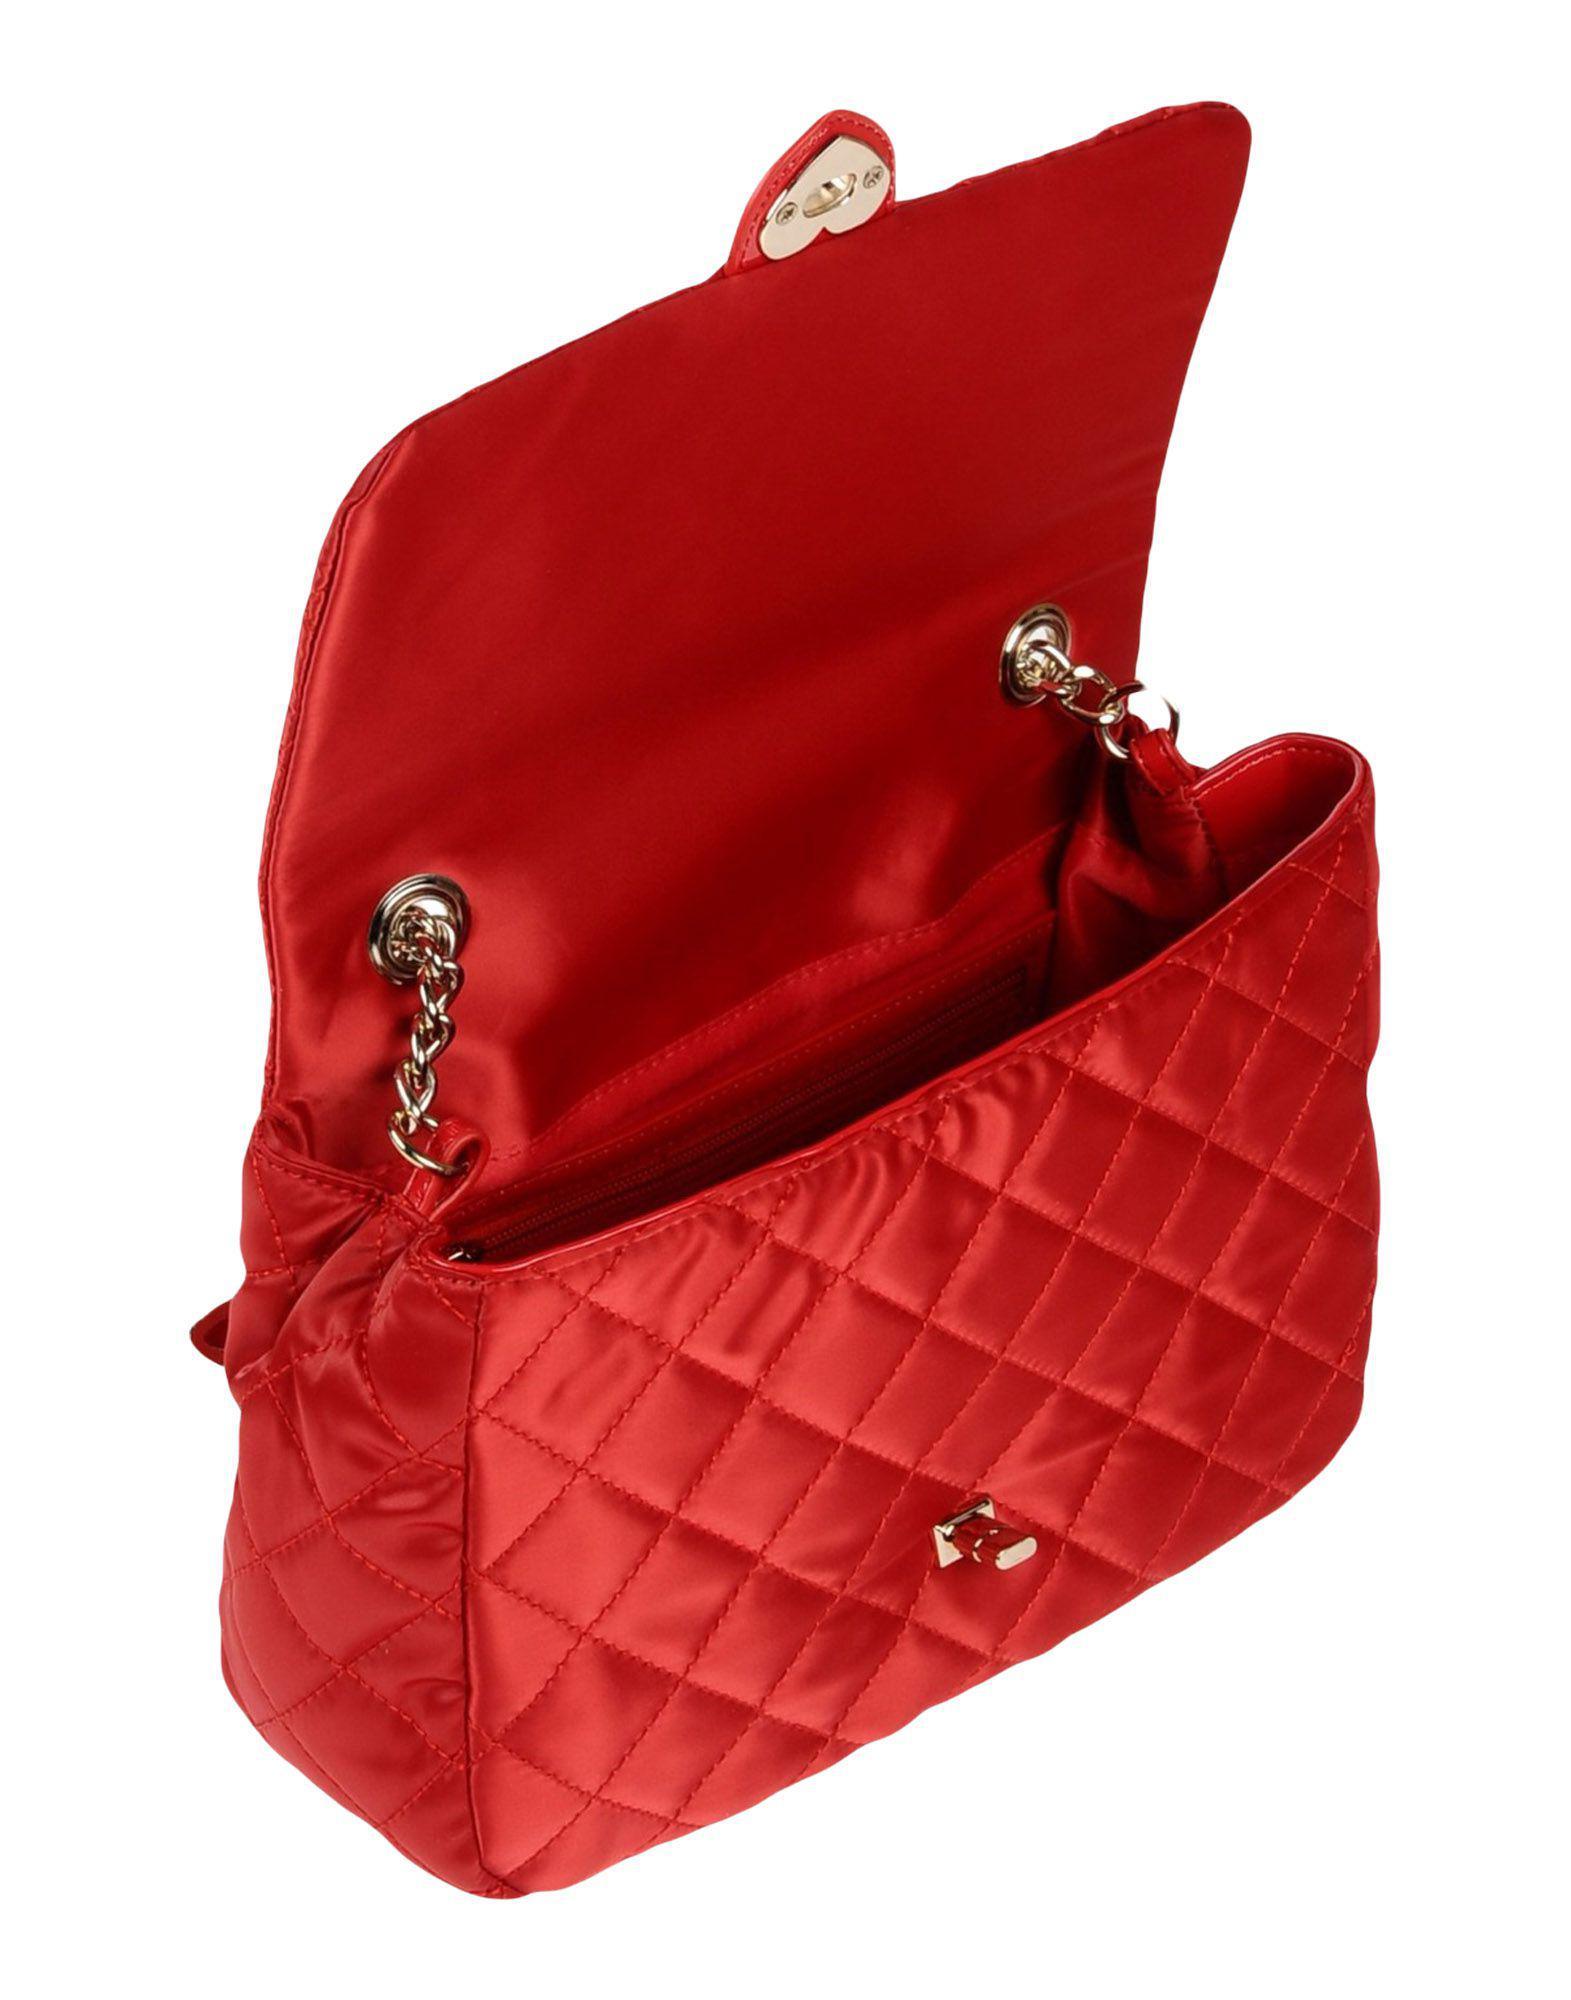 Tosca Blu Satin Cross-body Bag in Red